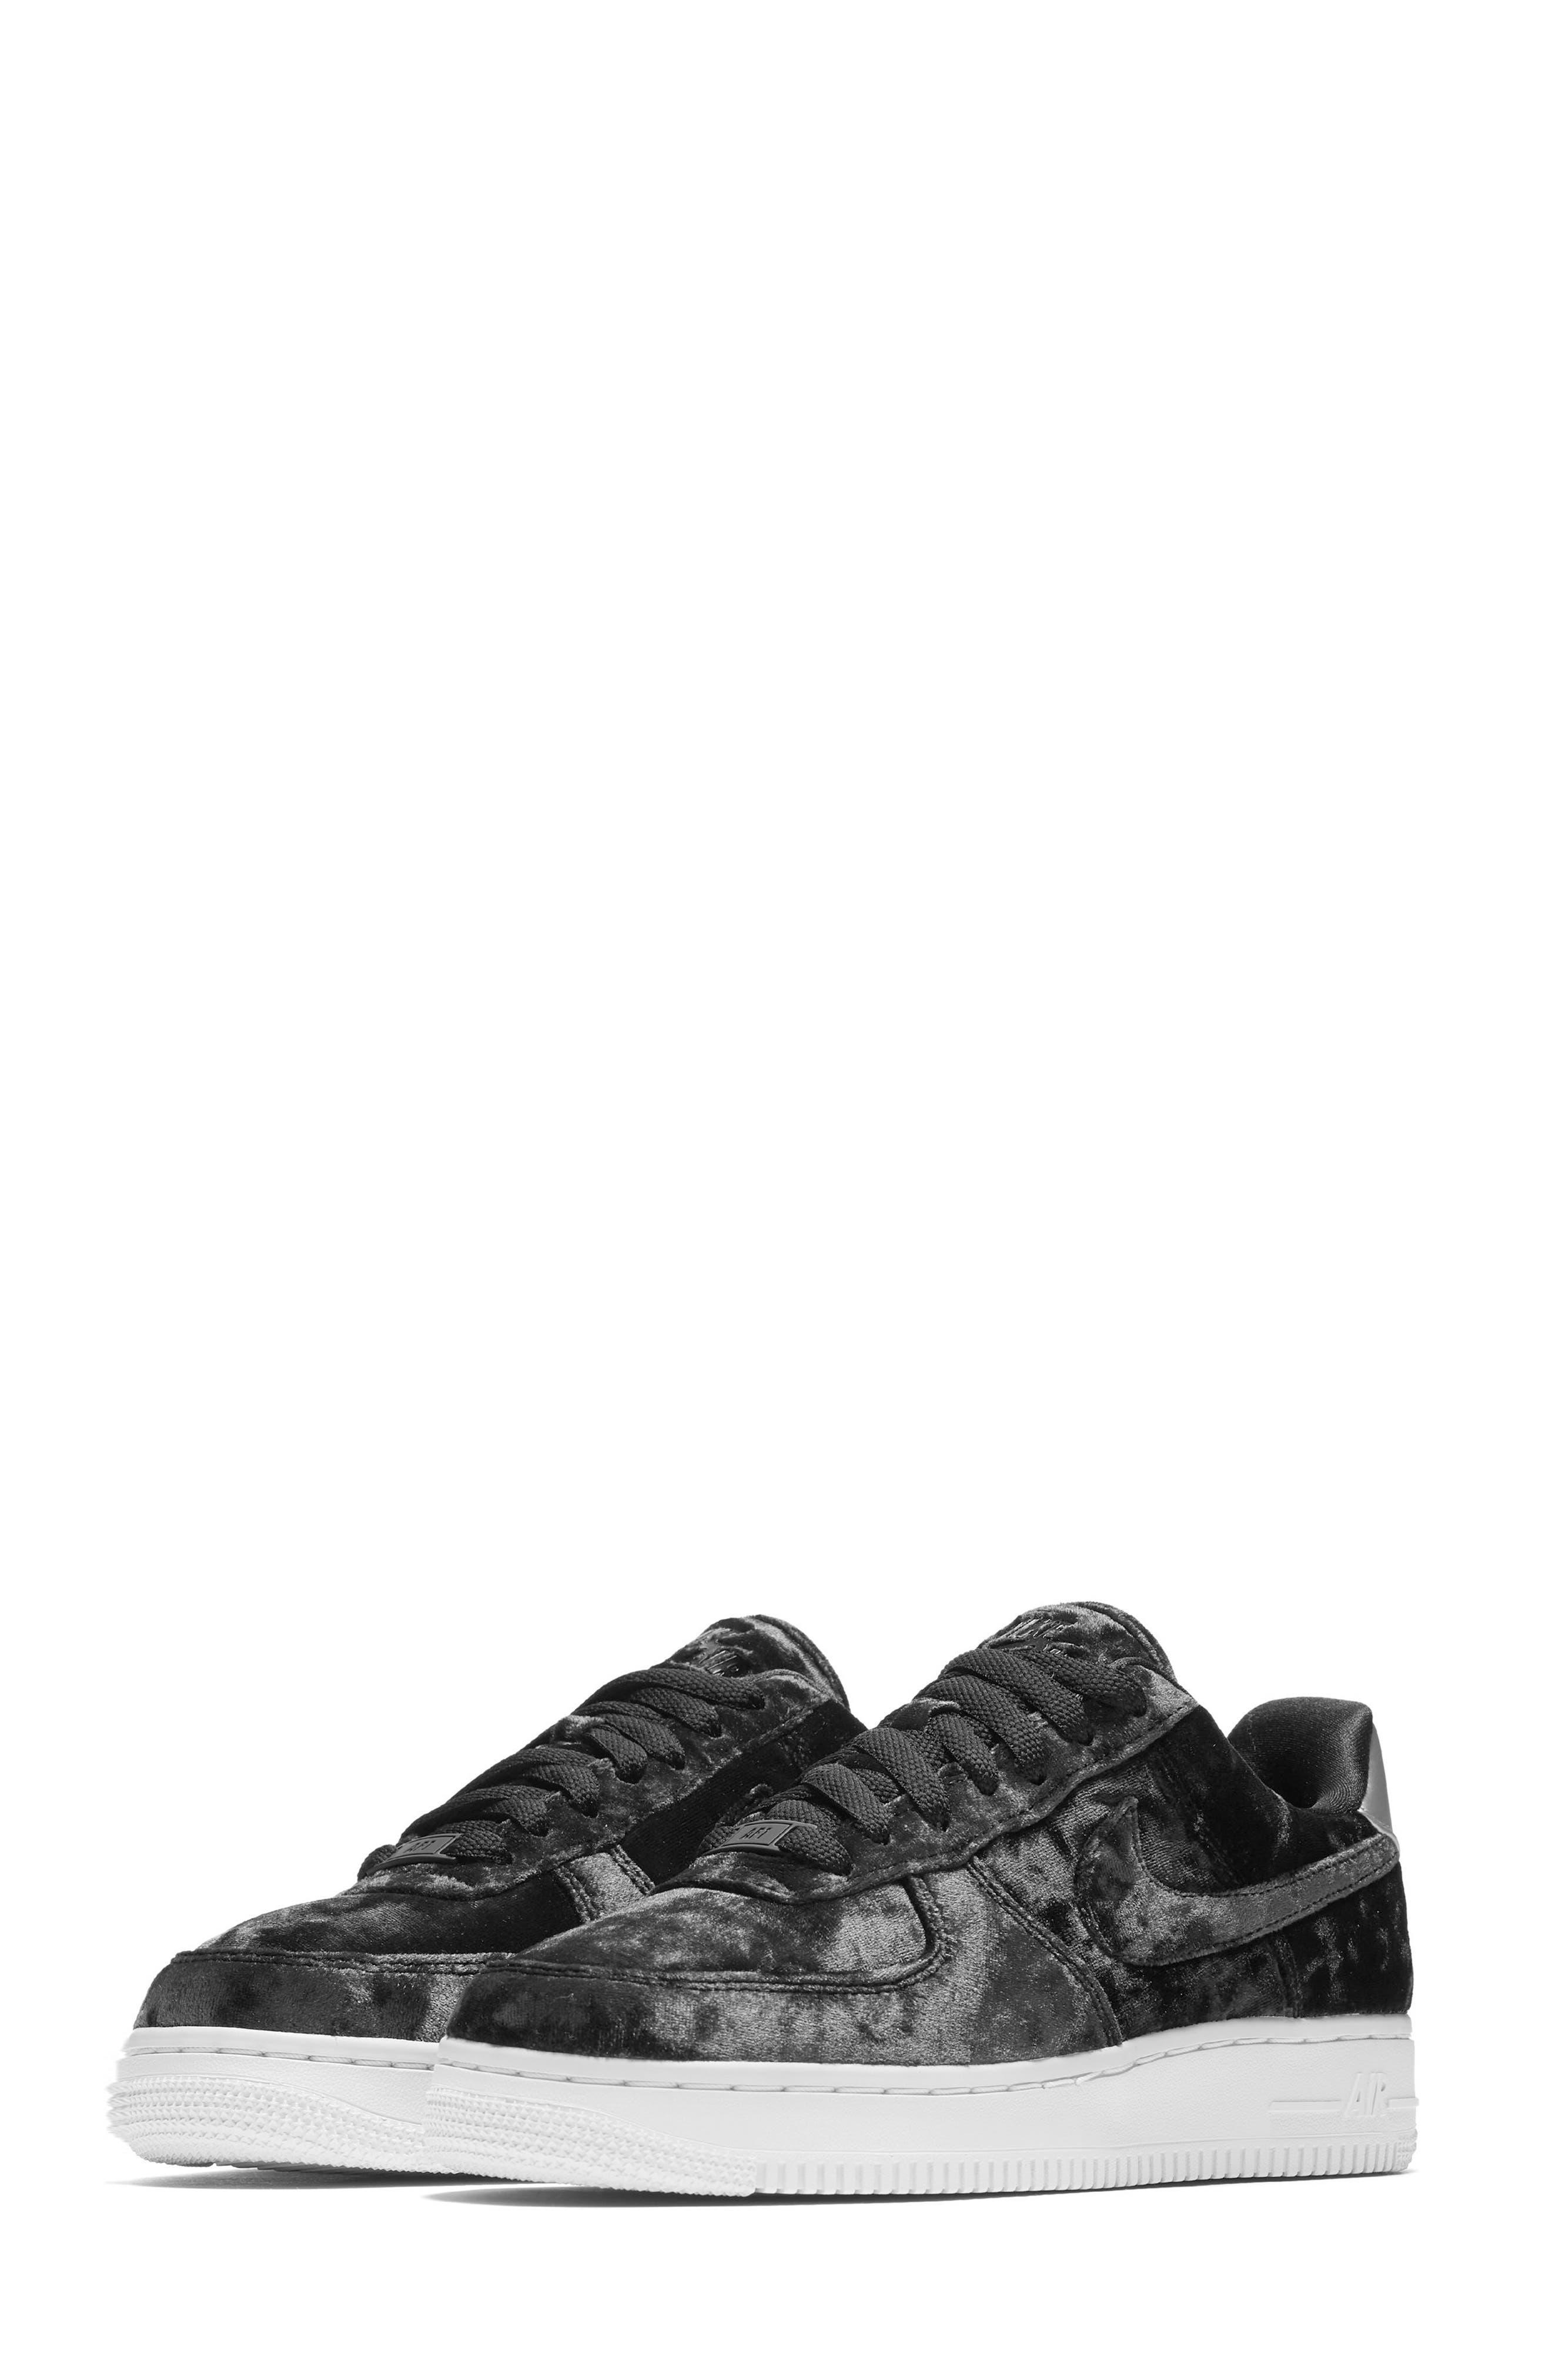 Air Force 1 '07 Premium Sneaker,                             Alternate thumbnail 4, color,                             003